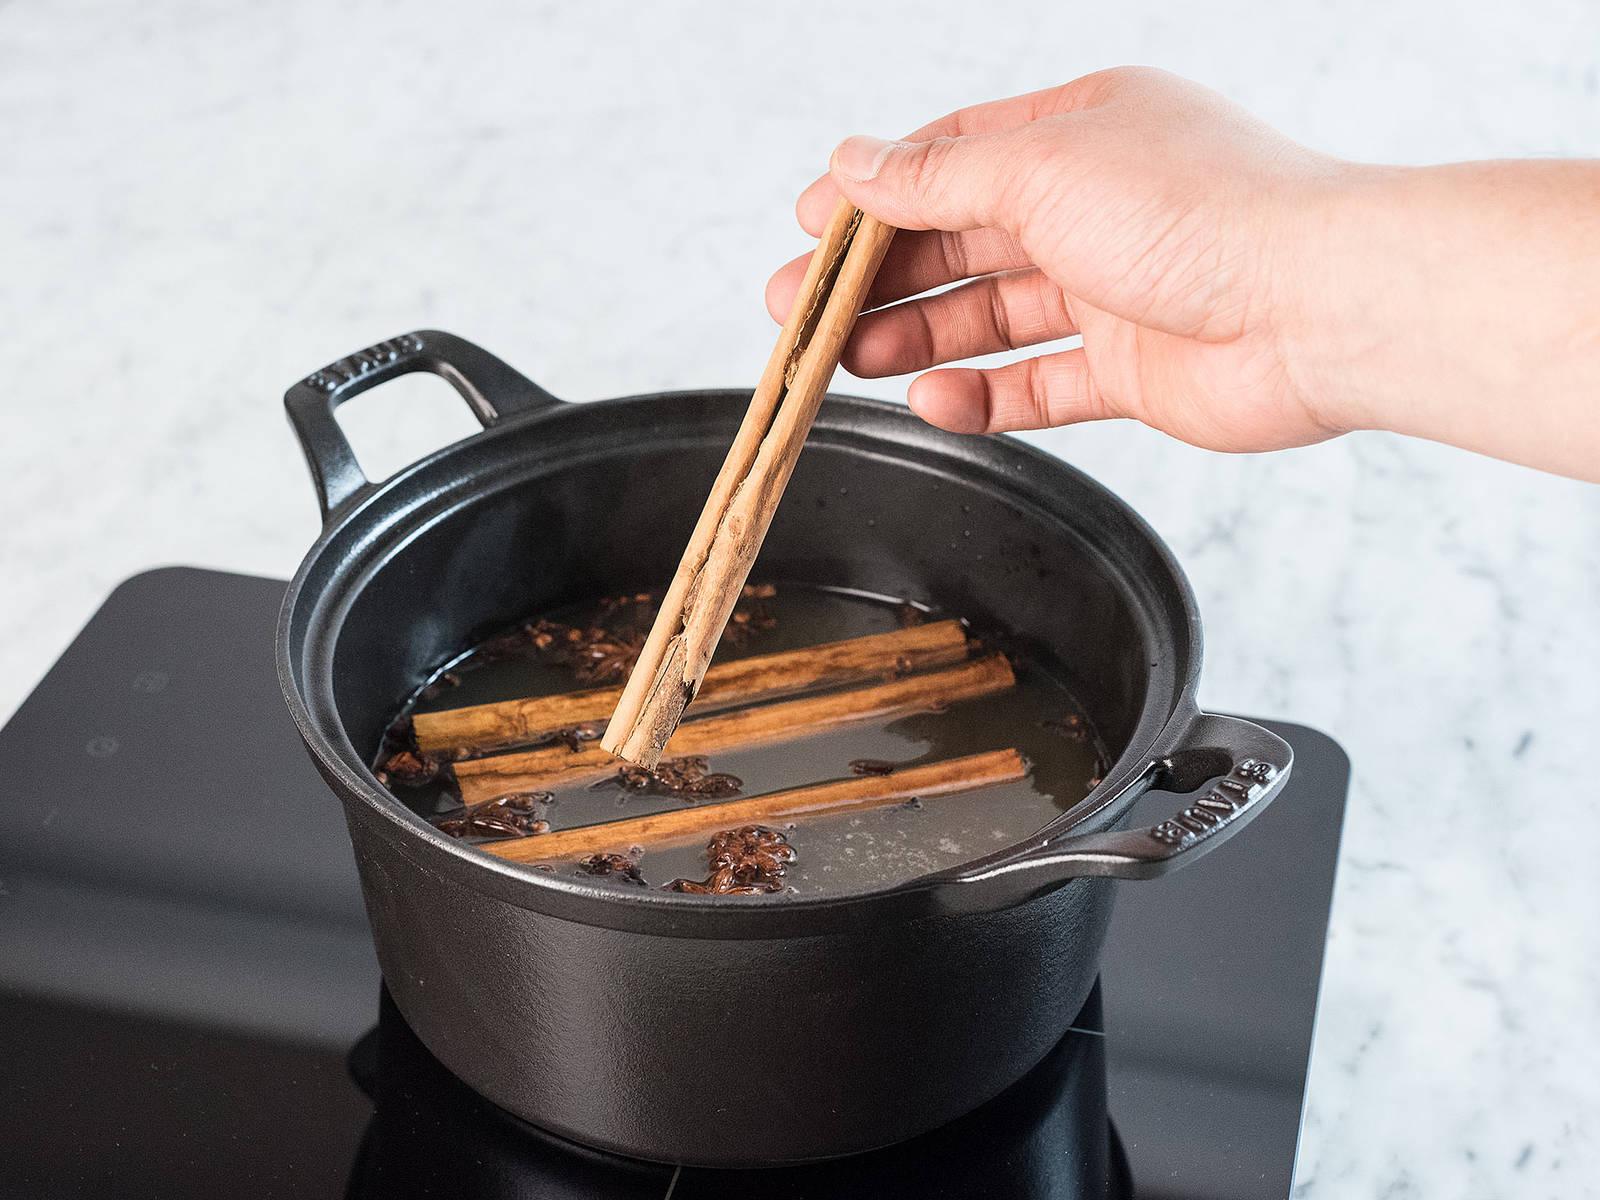 将苹果醋、丁香、八角茴香、肉桂棒和枫糖浆倒入锅中,中火加热。